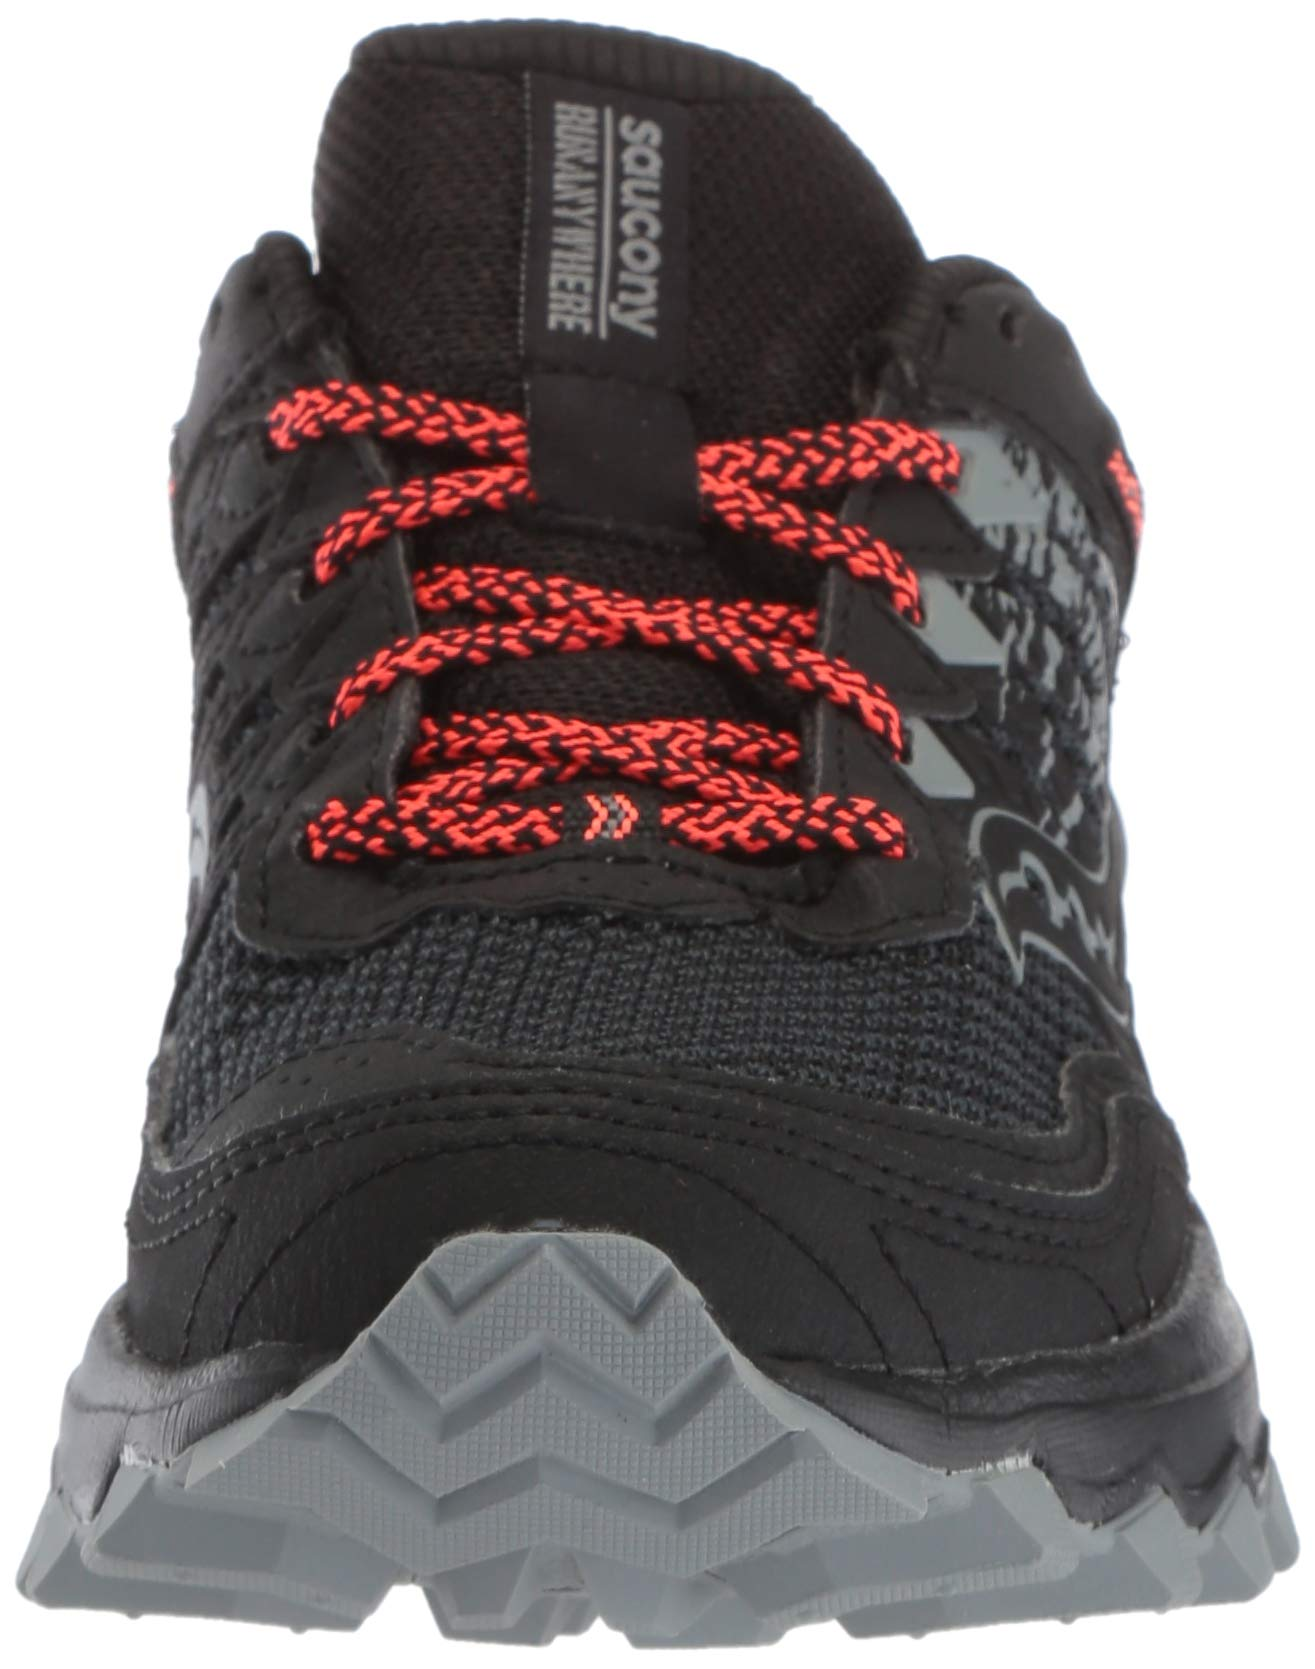 71KOl0VlUzL - Saucony Women's Excursion Tr12 GTX Training Shoes